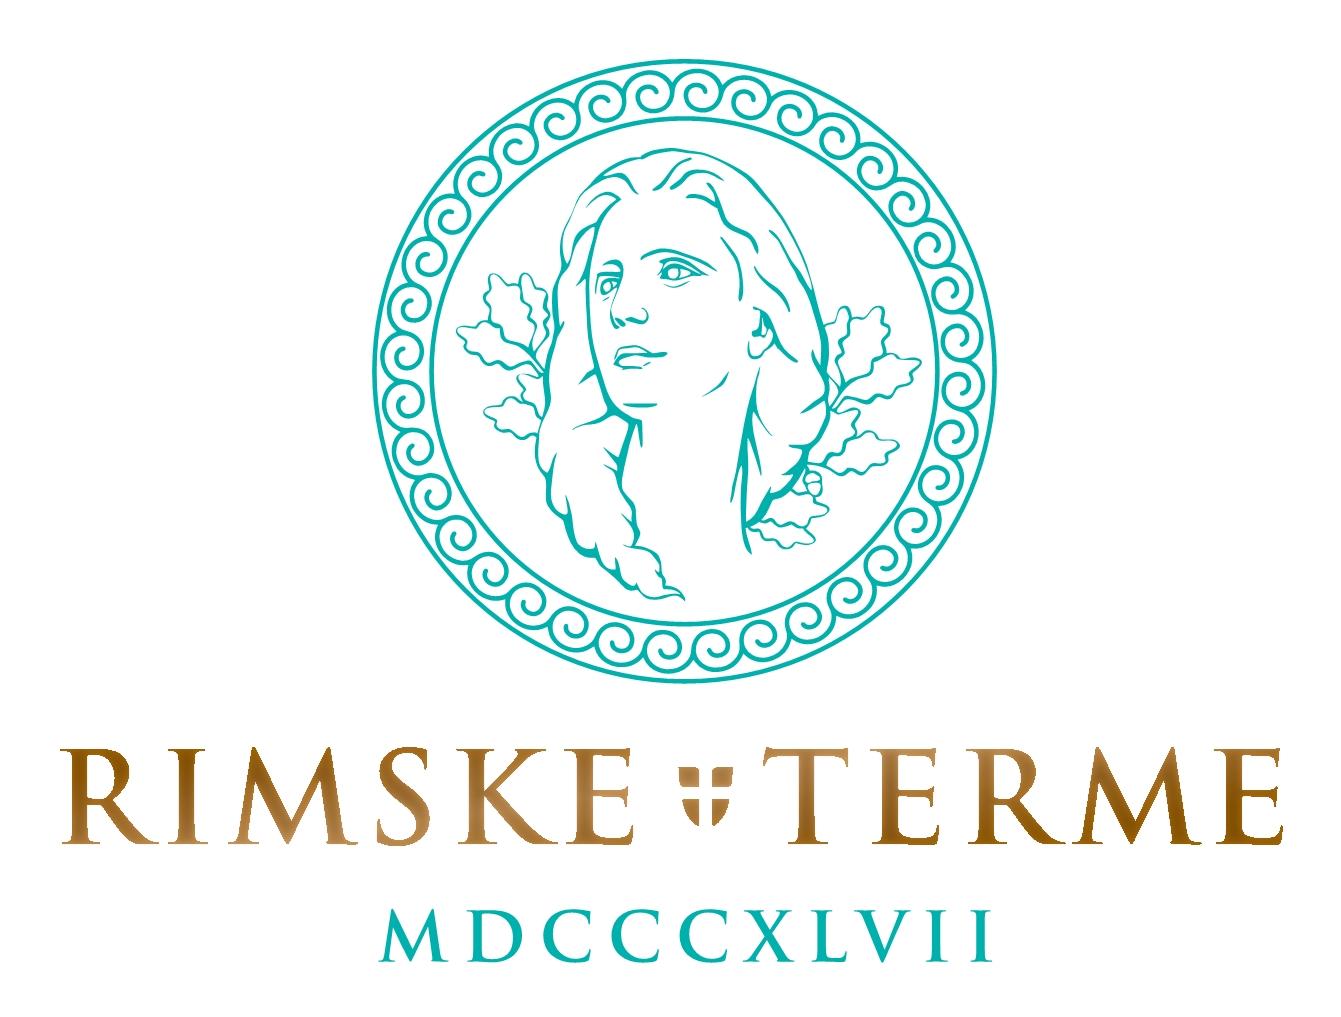 RIMSKE TERME